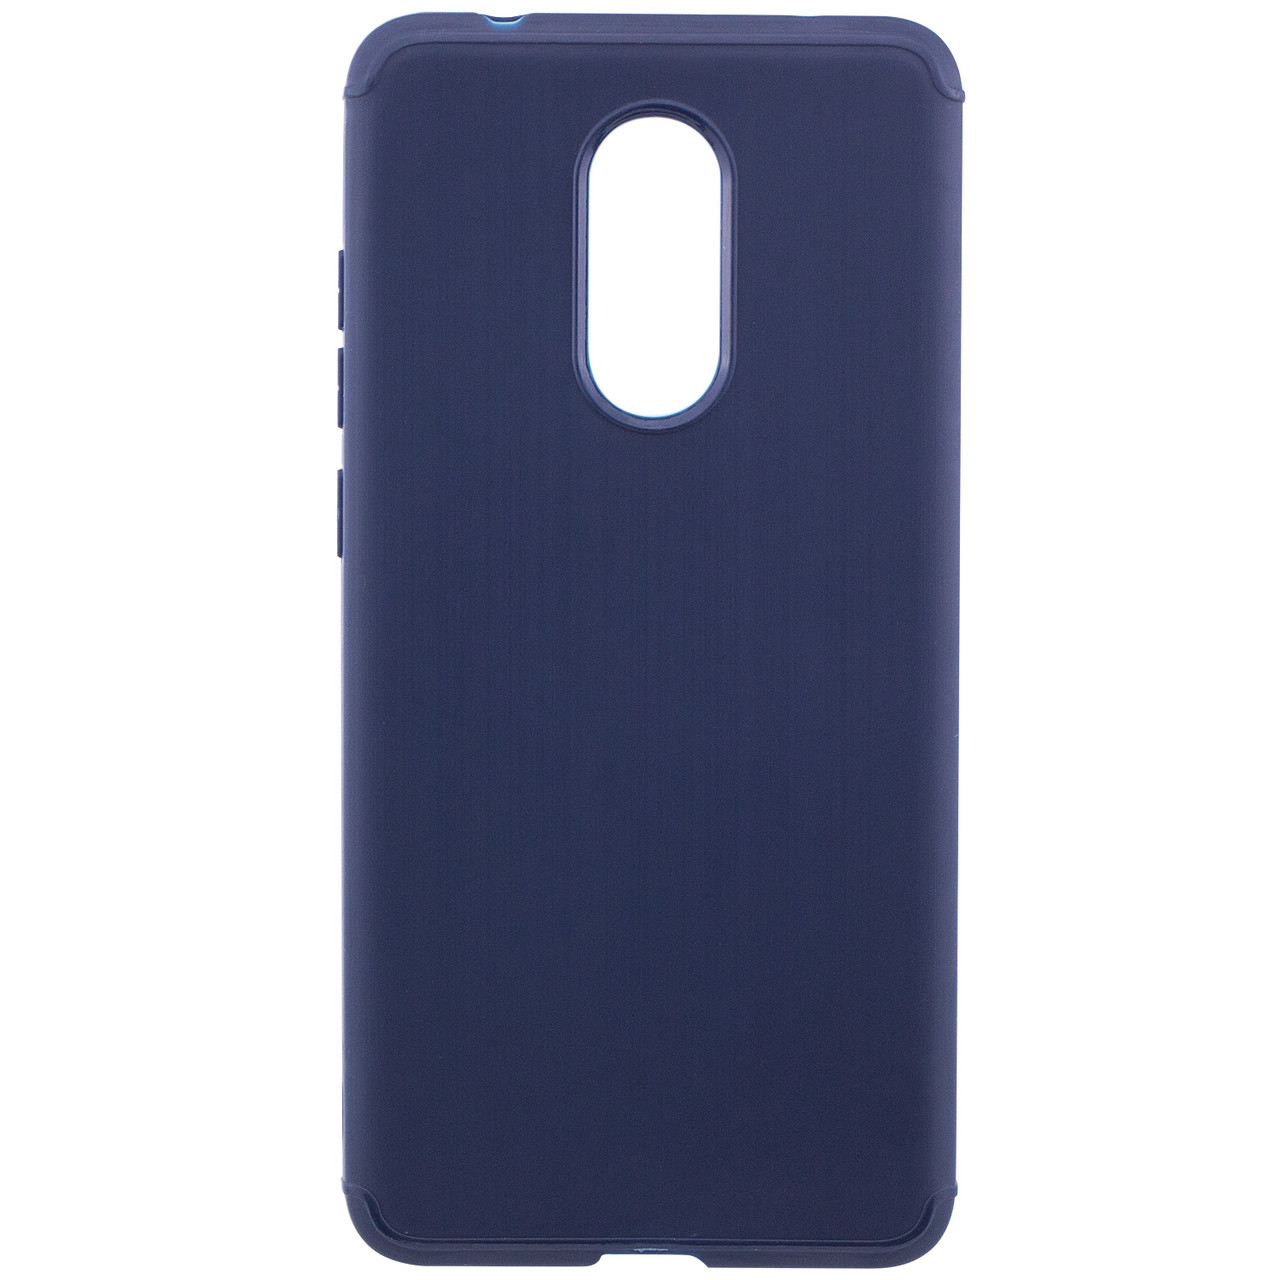 TPU чехол Metal для Xiaomi Redmi 5 (Синий)